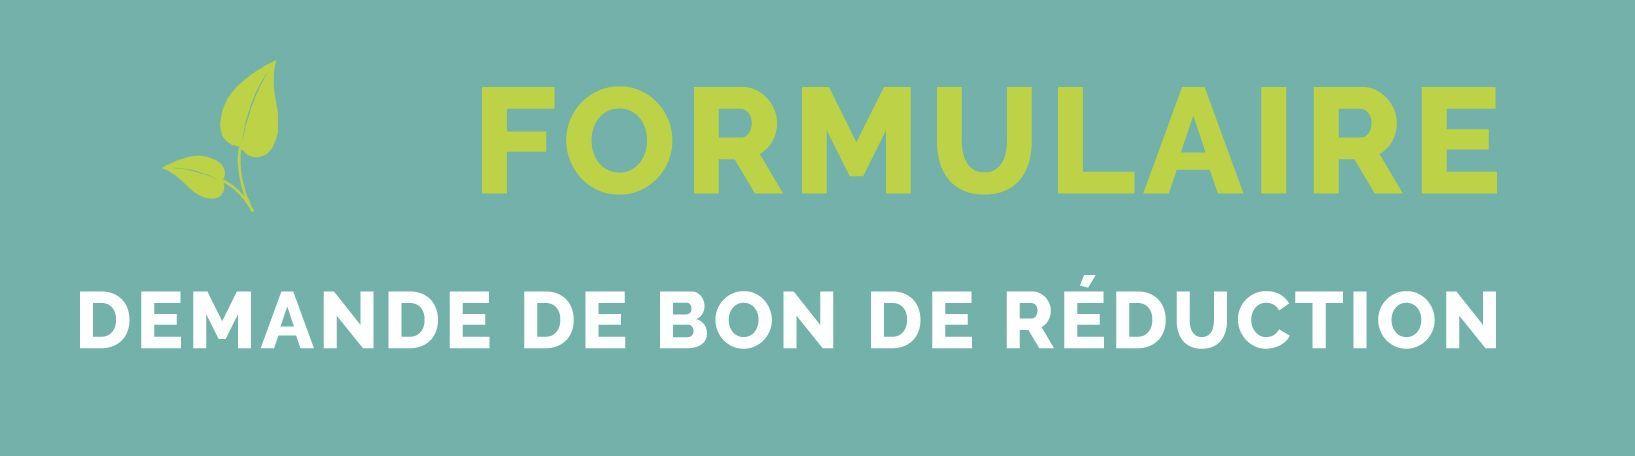 image-formulaire-bon-reduction-broyeur